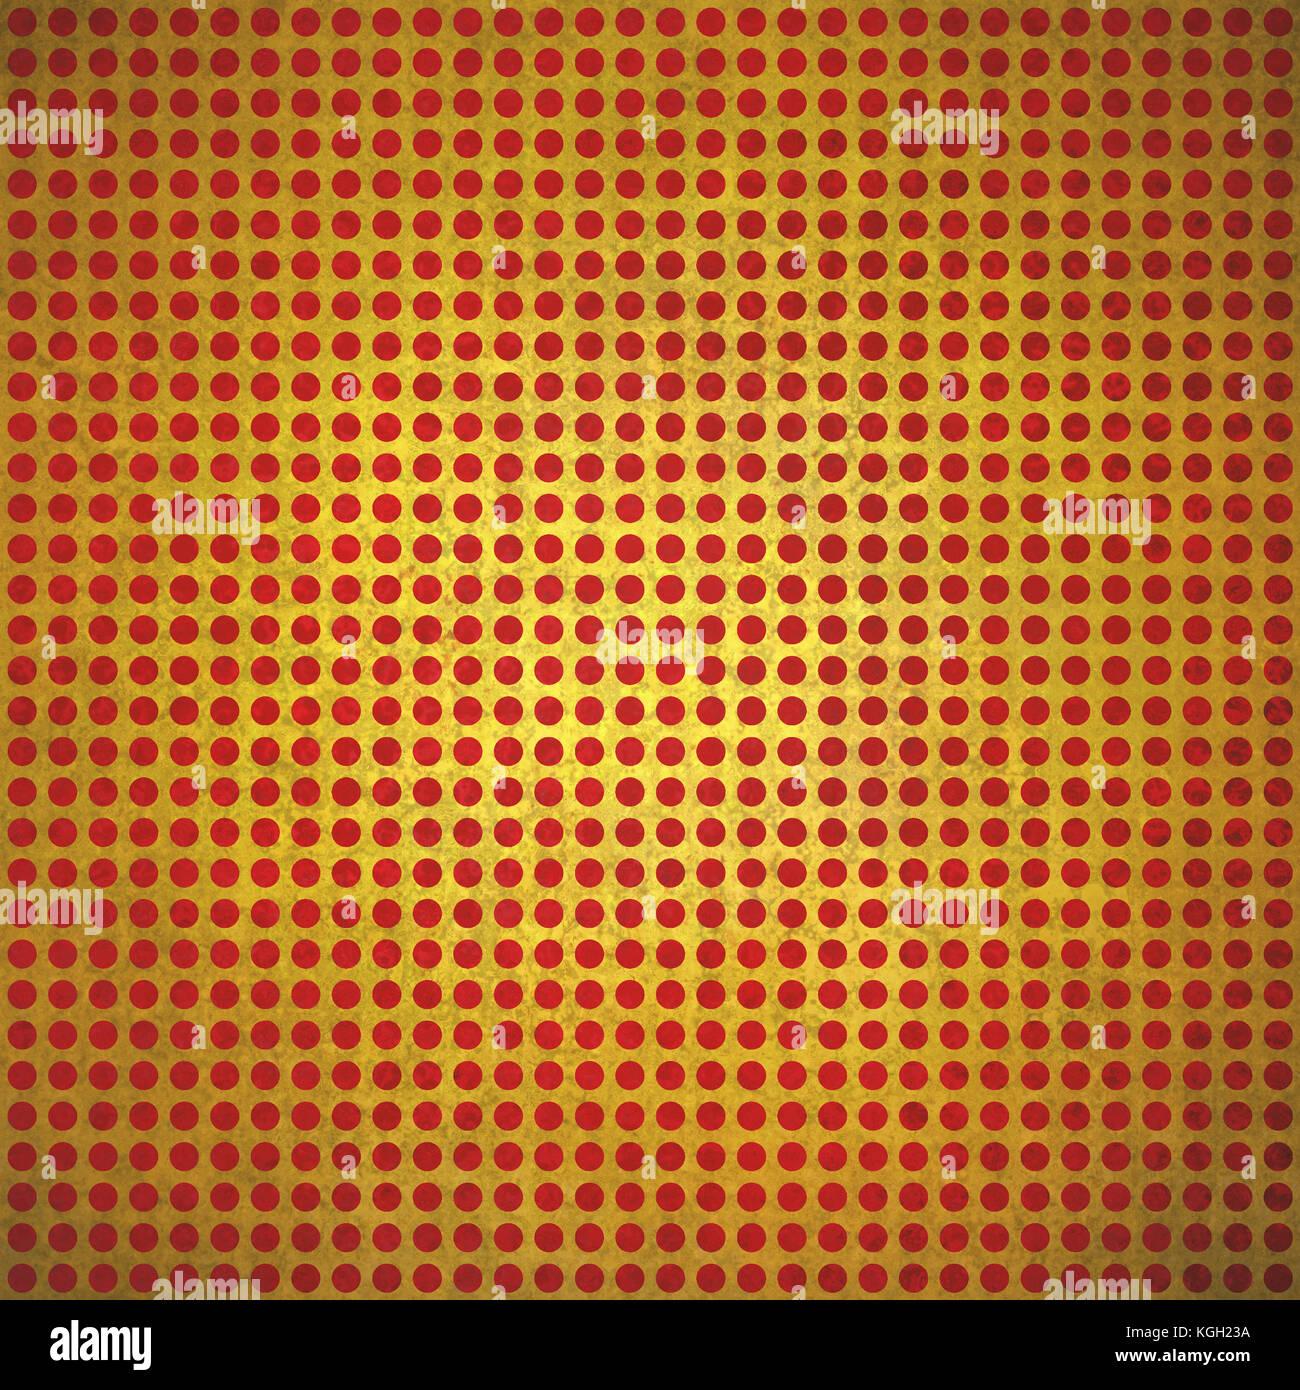 Vintage gold Polka gepunkteten Hintergrund rote Flecken auf Gold ...